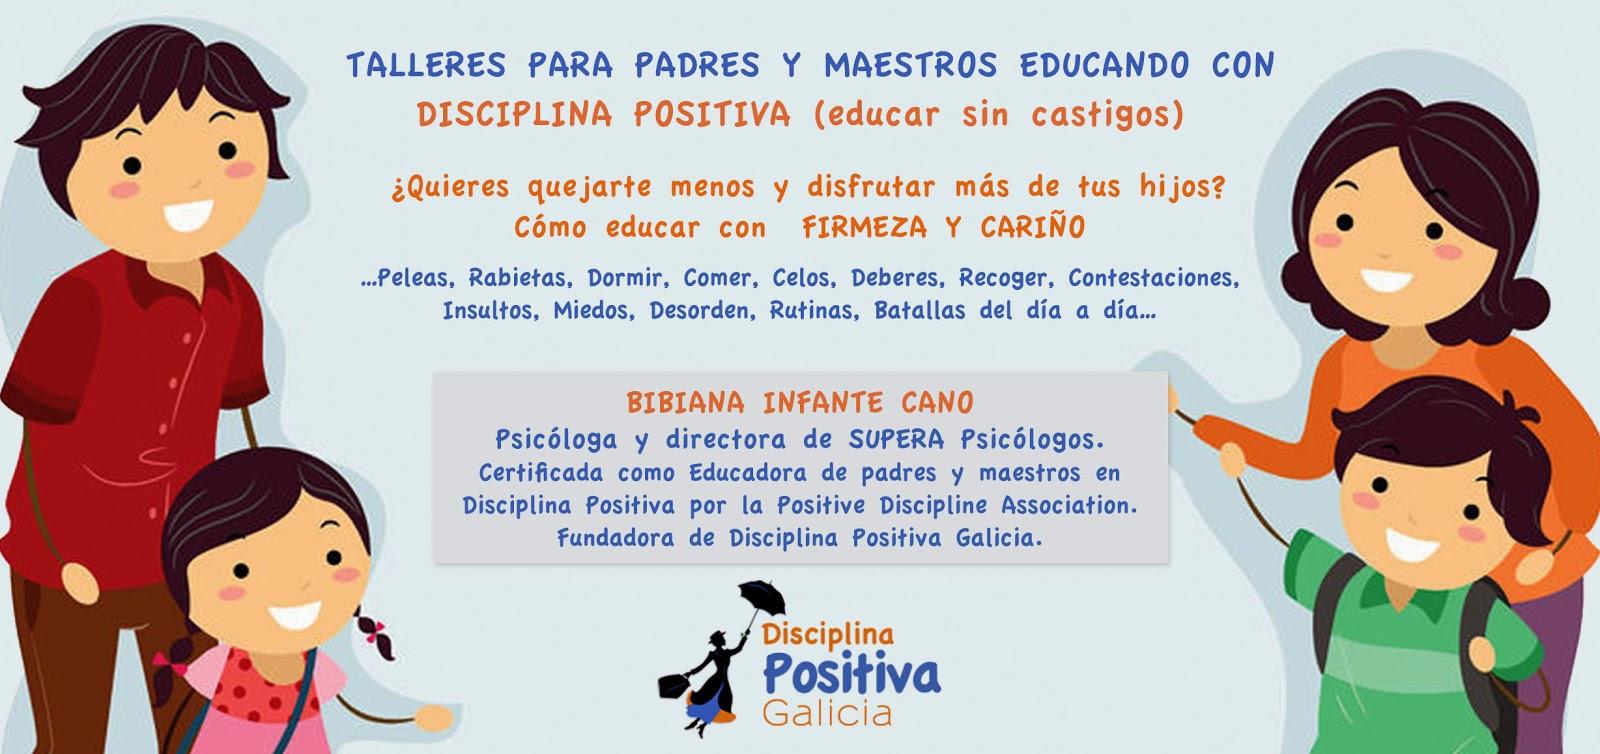 http://www.disciplinapositivagalicia.com